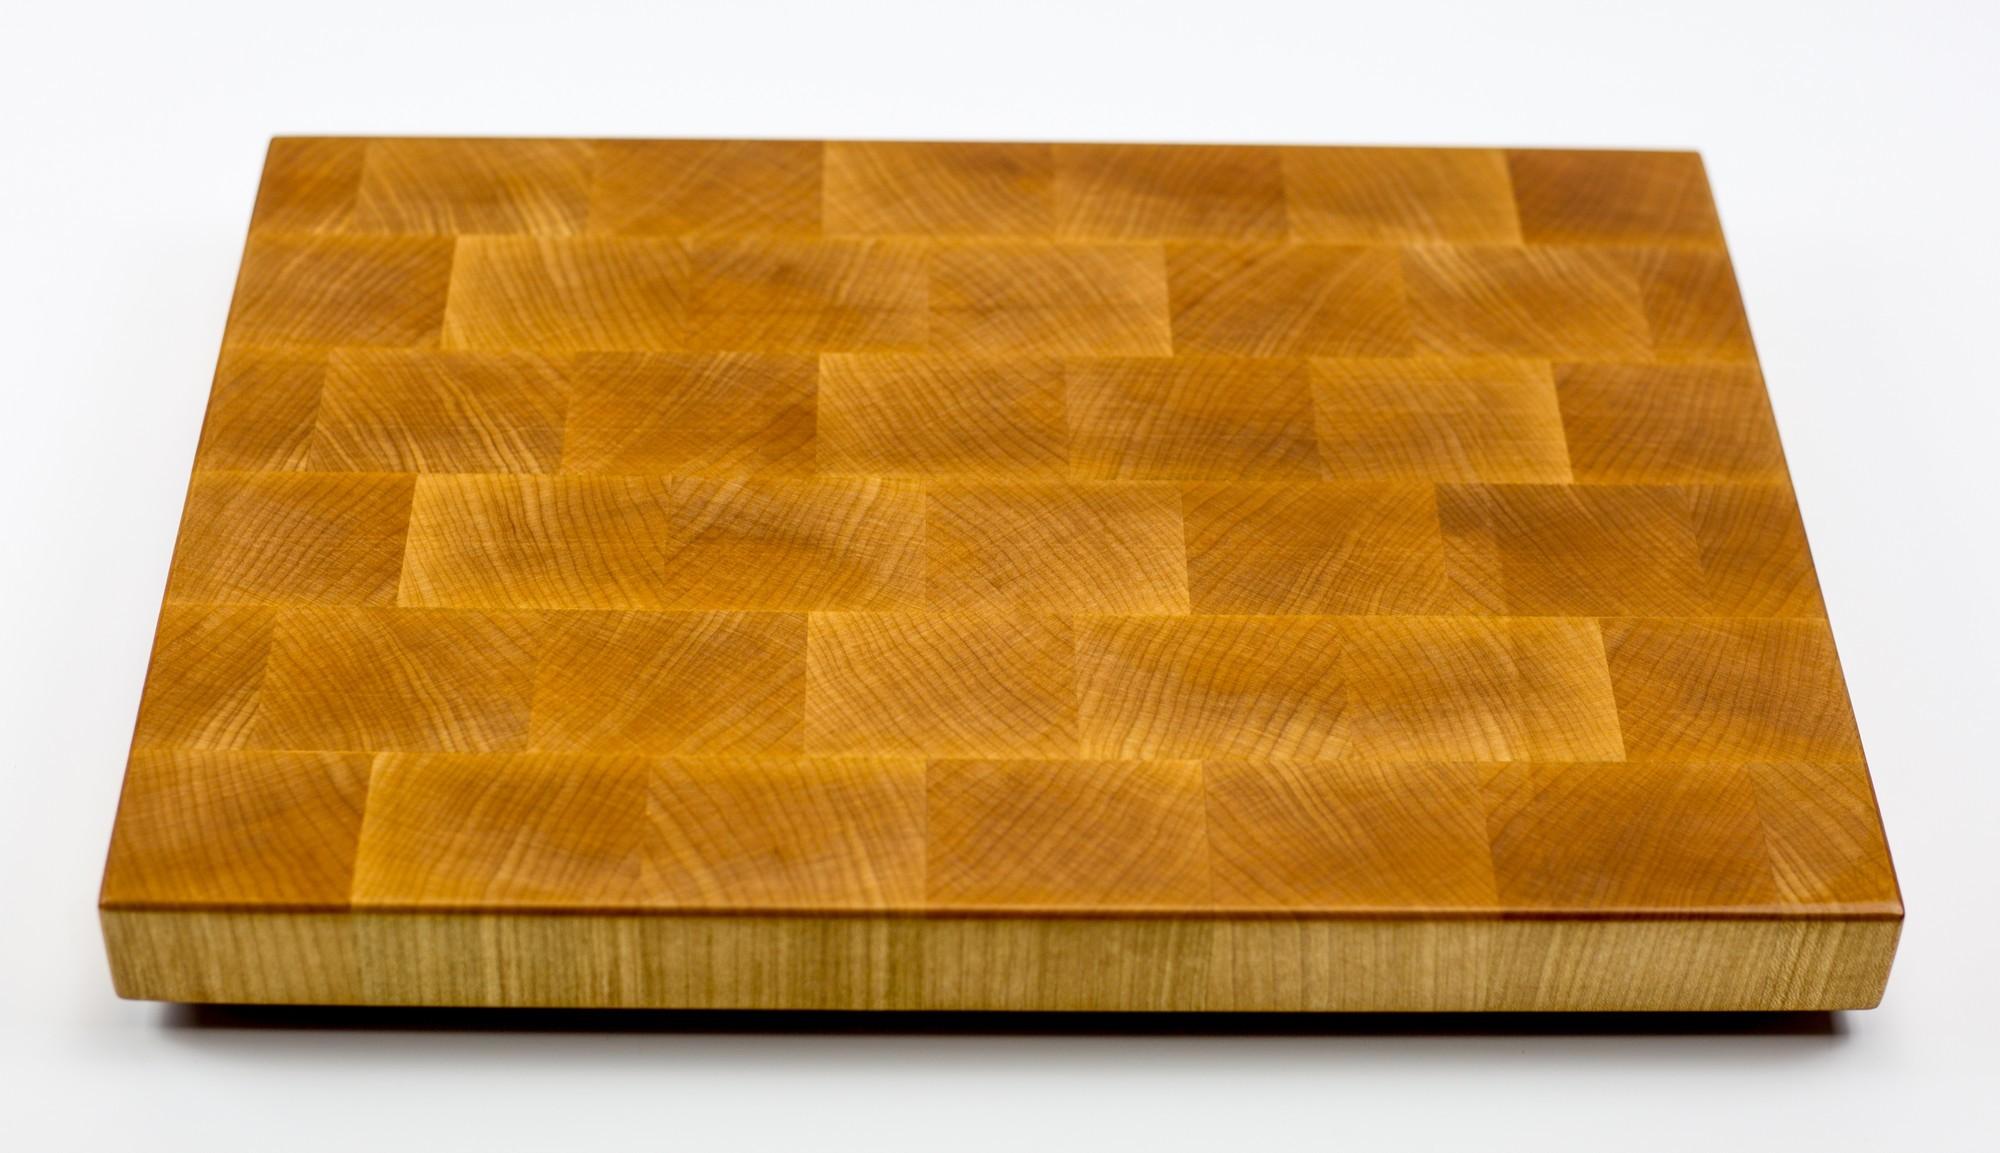 Доска разделочная торцевая, клен, 27х37х3 смБренды ножей<br>Они изготавливаются из лиственных пород древесины, таких как сапеле, дуб, американский орех, ясень, падук, граб, клен, палисандр, венге, груша.<br>Технология их изготовления достаточно сложна. Волокна разделочных досок расположены перпендикулярно плоскости резания. Это позволяет в значительной степени защитить доски от следов ножа, при этом нож намного меньше тупится, что по достоинству смогут оценить коллекционеры ножей.<br>Торцевые разделочные доски склеиваются на водостойкий клей Titebond III Ultimate Wood Glue. Этот клей используется для производства элементов, которые соприкасаются и контактируют с продуктами питания. Все поверхности досок обрабатываются льняным маслом и пчелиным воском для заполнения открытых пор и микротрещин. В зависимости от размера, разделочных досках, для удобства пользования, предусмотрены ручки с боков, канавки для сбора жидкости и опорные ножки. Рекомендации по уходу за разделочными досками<br>Для того, чтобы разделочная доска служила долго и исправно, советуем соблюдать некоторые правила ухода за ней:<br>По окончании работы доску следует вымыть теплой водой и протереть. Нельзя надолго оставлять разделочную доску в мокром виде, или погруженную в воду. Хранить доску необходимо вдали от раковины и плиты.<br>Разделочную доску нельзя сушить в духовом шкафу или микроволновой печи, она должна сохнуть в обычных условиях. Нельзя использовать разделочную доску в качестве крышки для кастрюли или сковороды (от горячего пара доска может лопнуть).<br>Нельзя использовать разделочную доску как подставку под горячее. Нельзя выкладывать на доску горячие, сочащиеся соком, продукты. Разделочную доску для обновления покрытия можно протирать пропиткой (отломить кусочек, растереть по поверхности и оставить на пару часов сохнуть)или льняным маслом (по желанию, или по мере изменения цвета, или раз в месяц).<br>Если вы решили протереть доску маслом, то рекомендуем после этой процедуры не пользоваться 